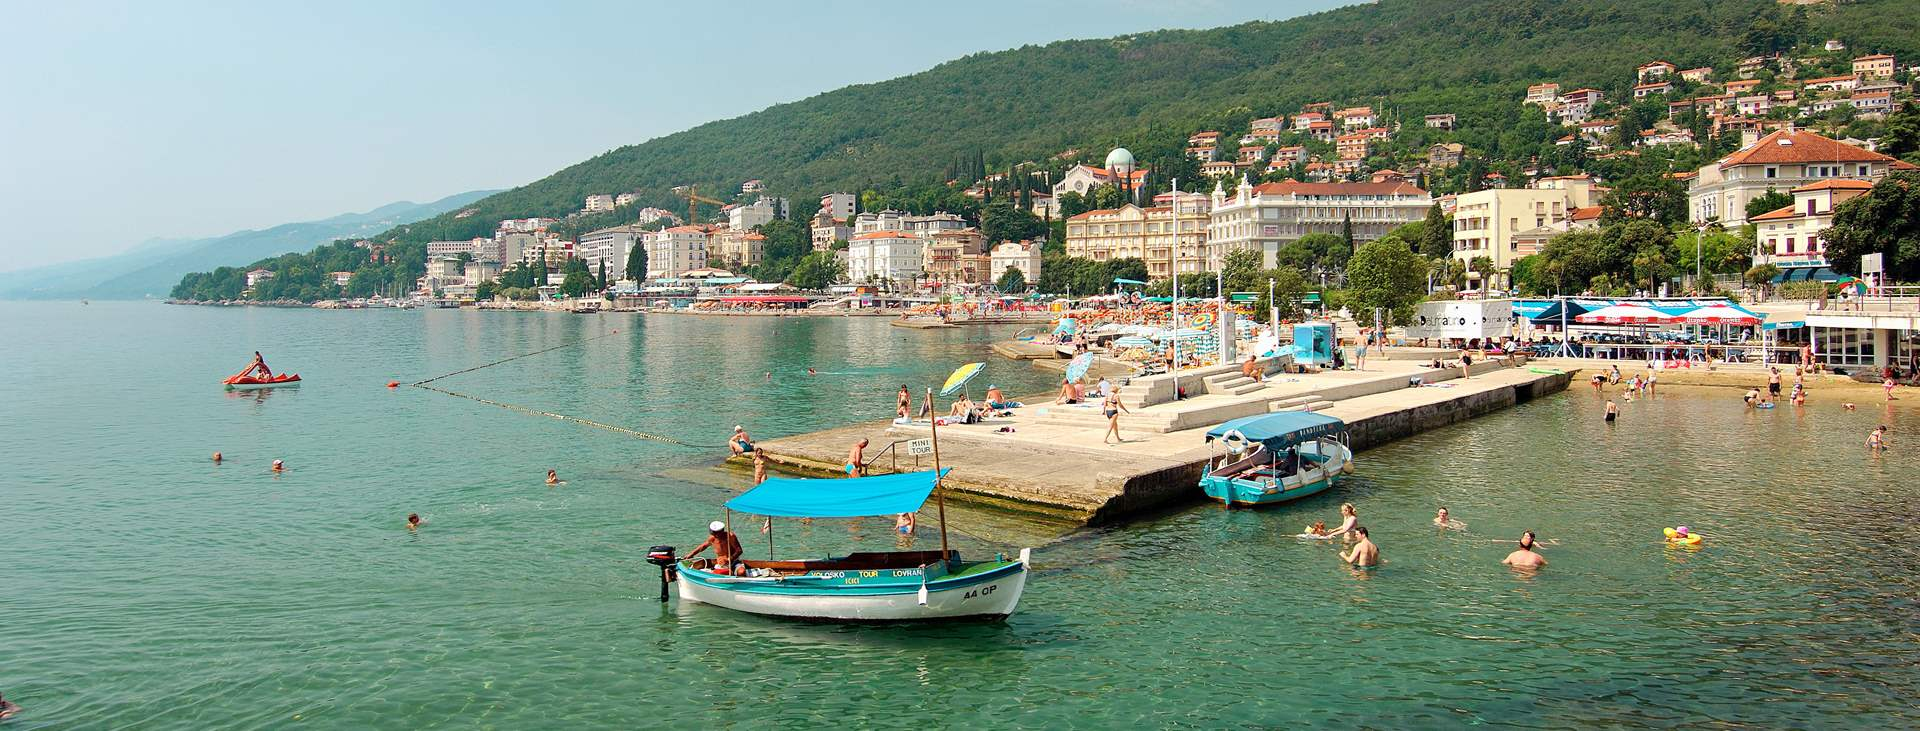 Reiser til Opatija på Istria i Kroatia